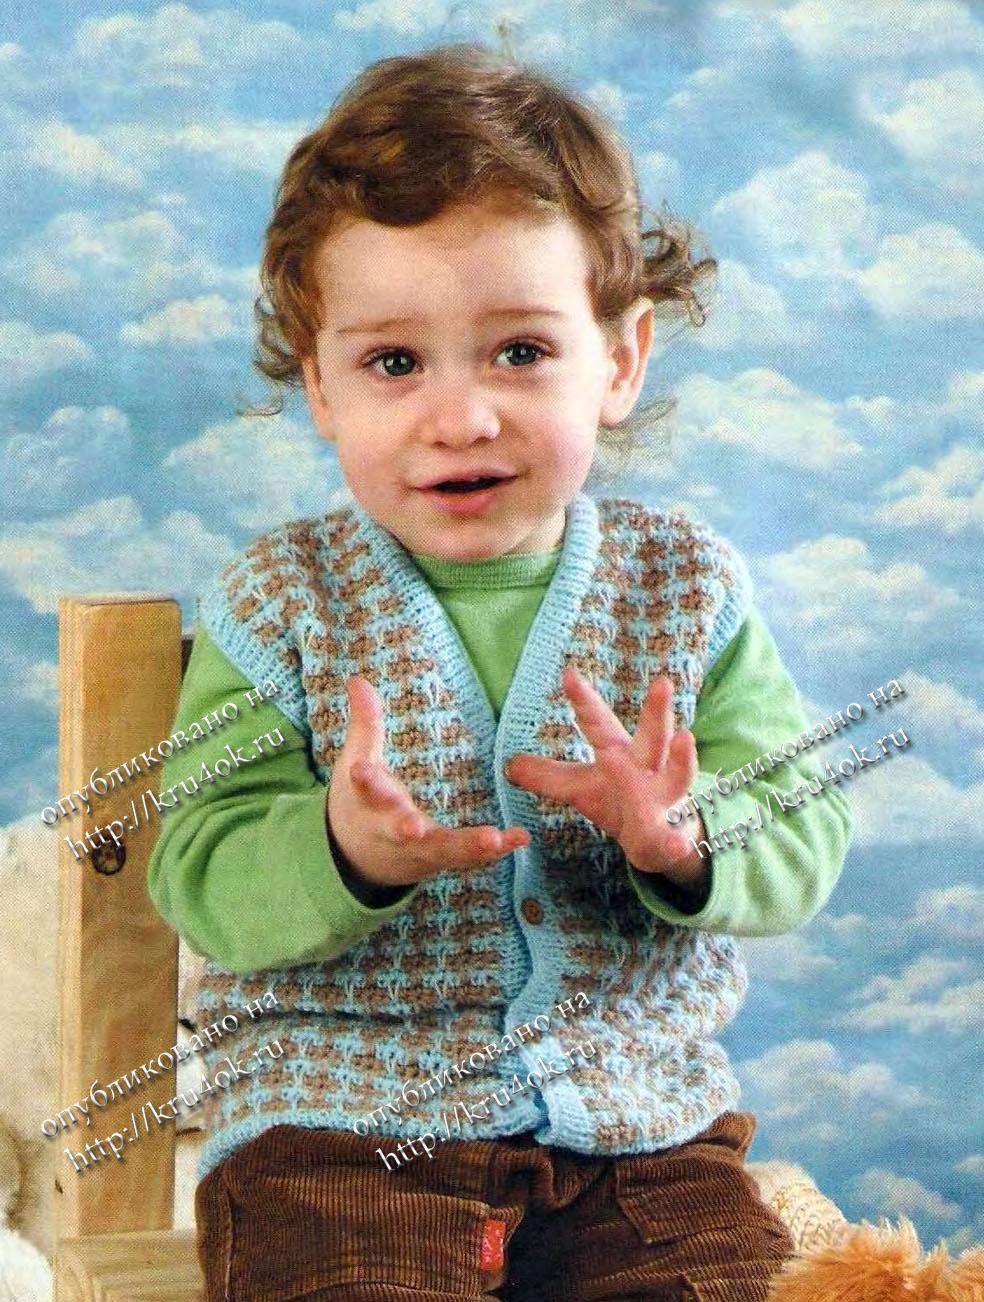 схема жилета вязанного спицами для мальчика 10 лет